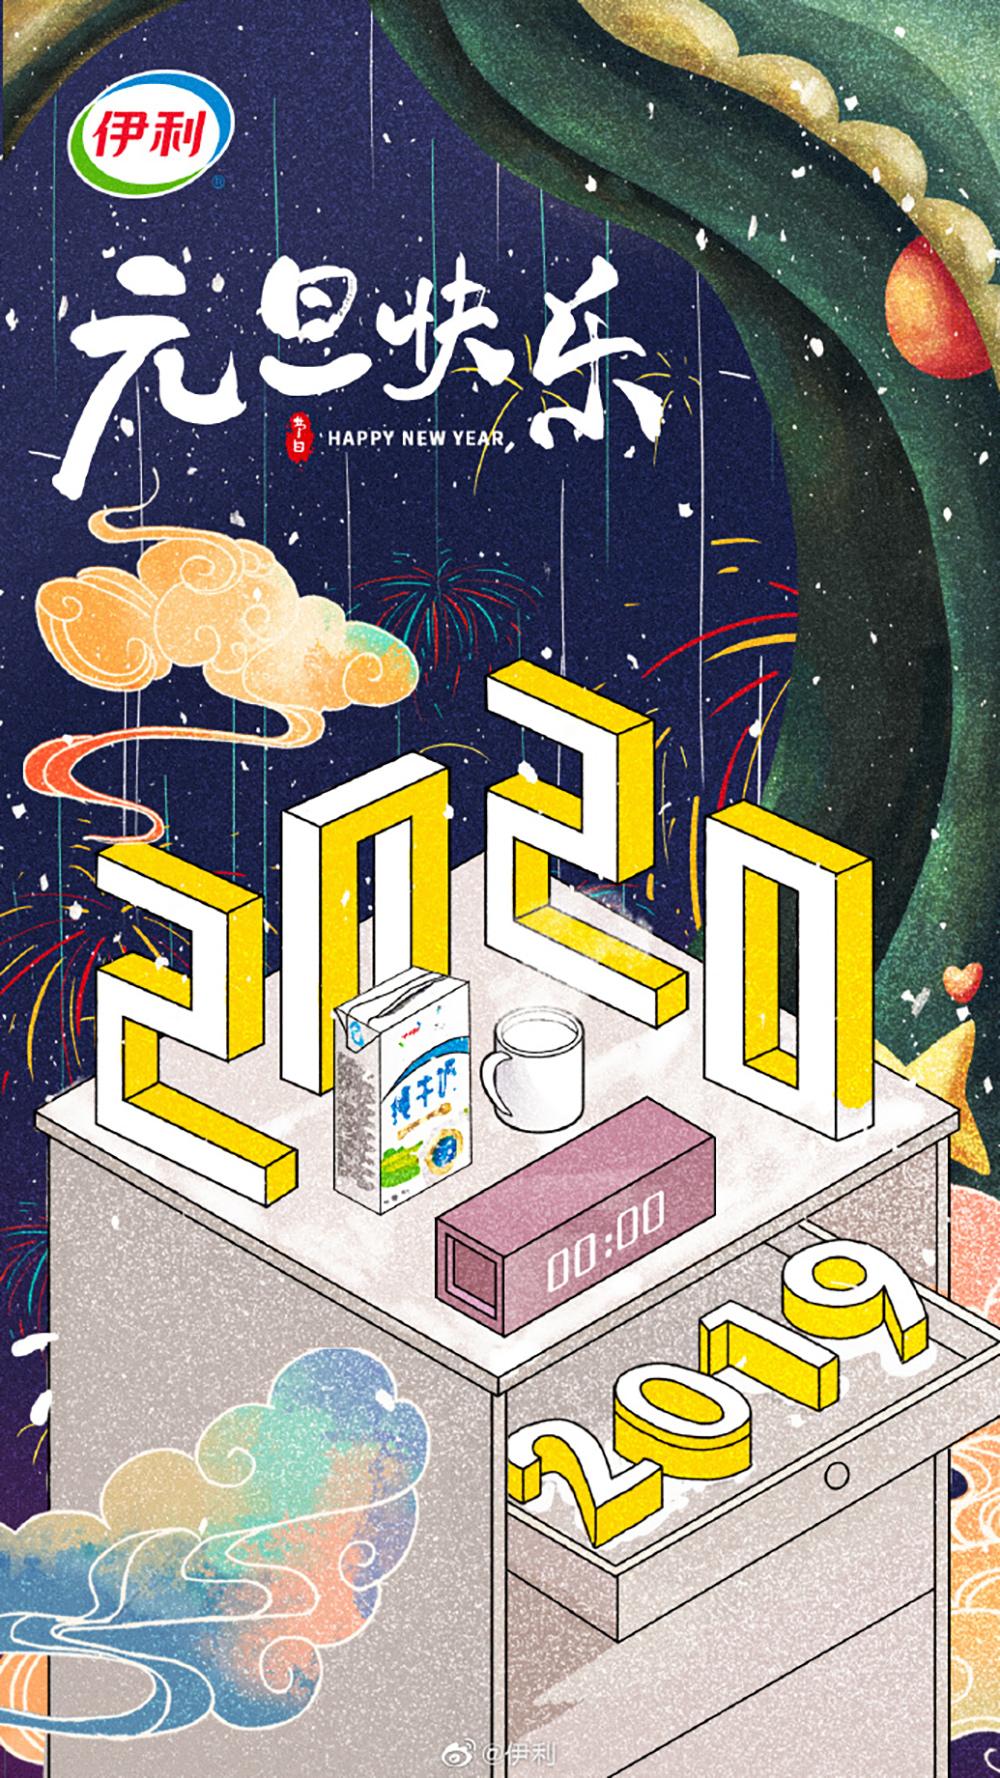 2021年来啦!12款元旦营销海报设计